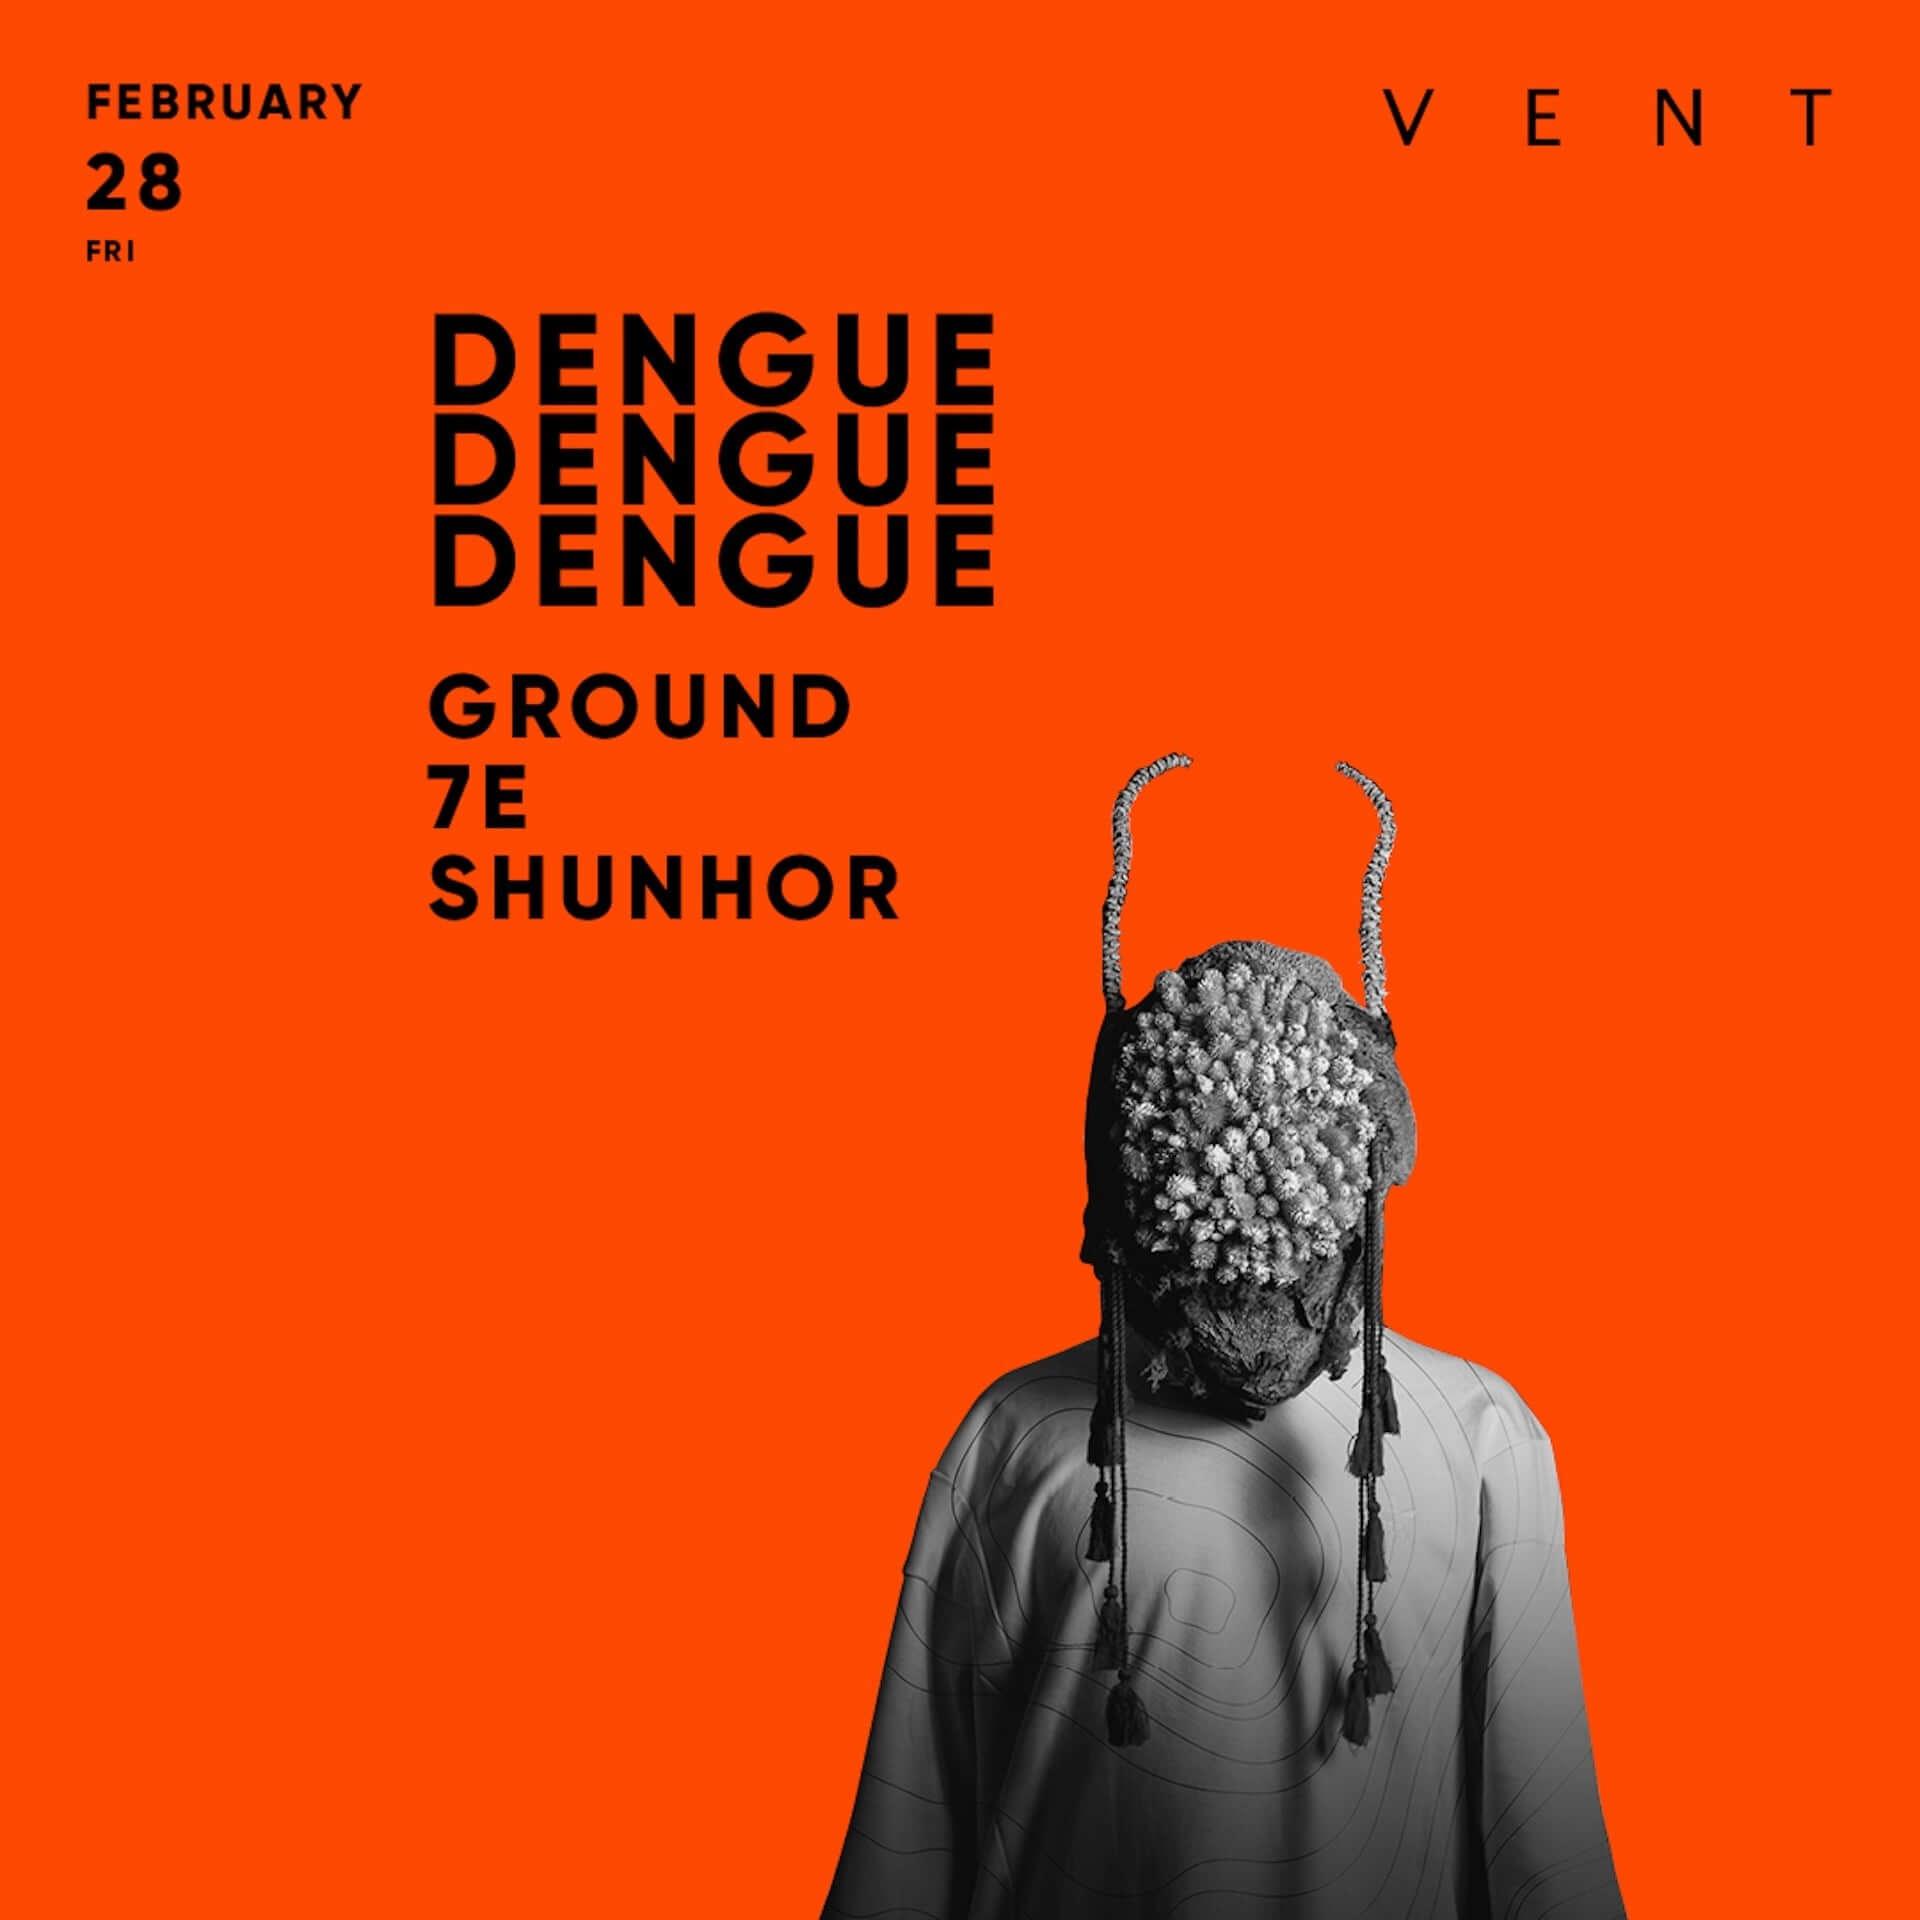 サイケでダビーでトロピカルな突然変異ベース・サウンド、Dengue Dengue Dengueが急遽VENTに出演決定 music200207_denguedenguedengue_4-1920x1920